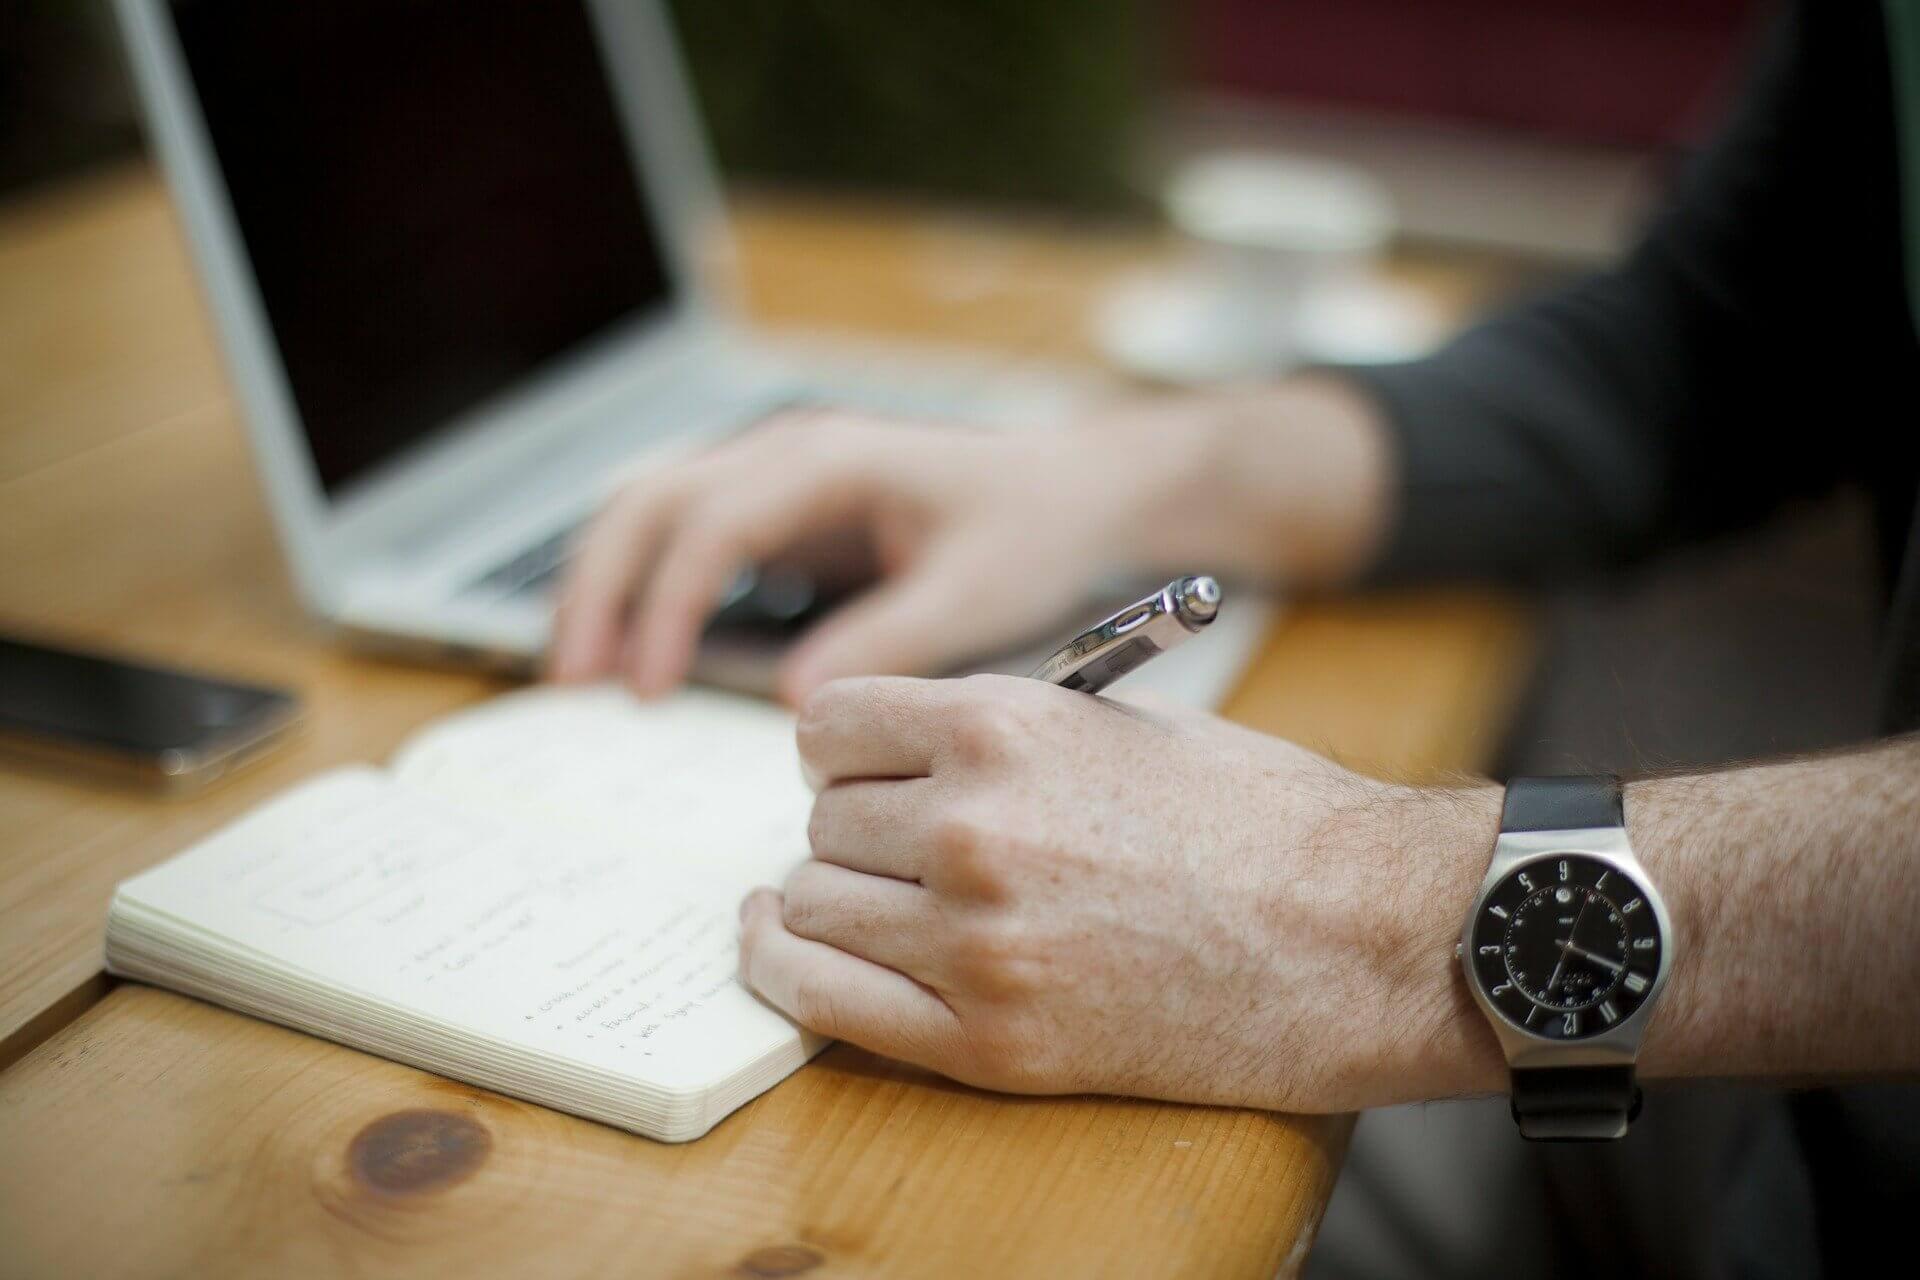 Scommesse online: la scelta dei giusti bookmakers e delle quote migliori